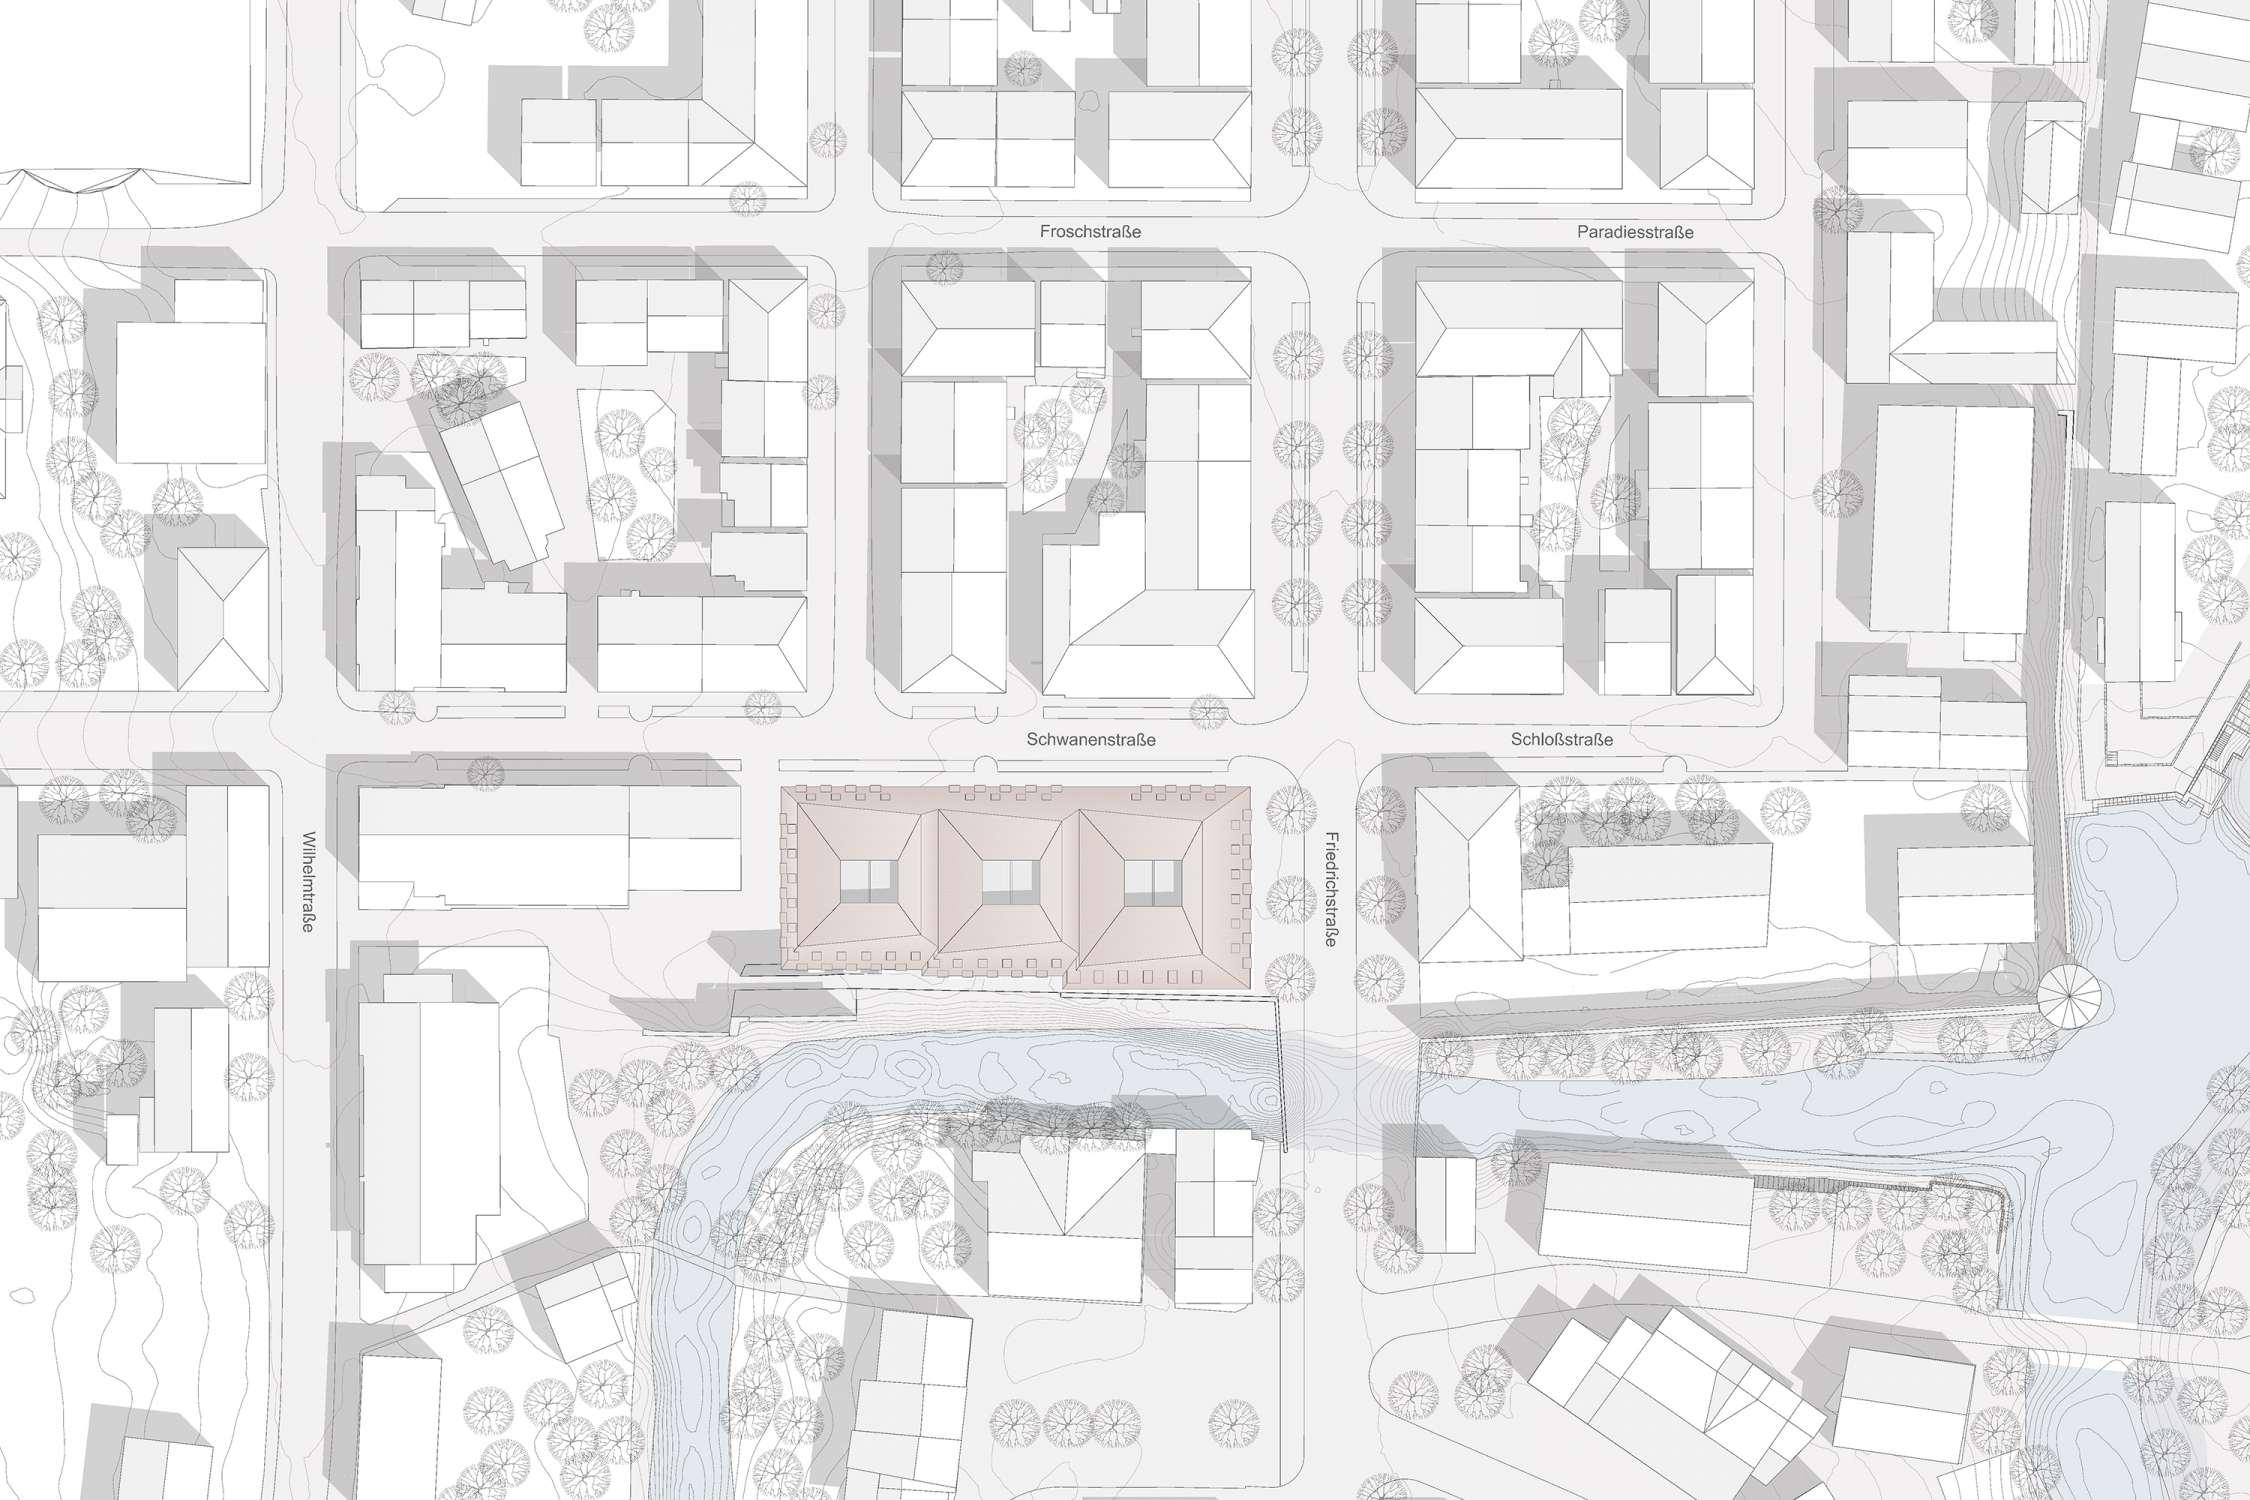 Wohn- und Geschäftshaus Schwanenstrasse (1)